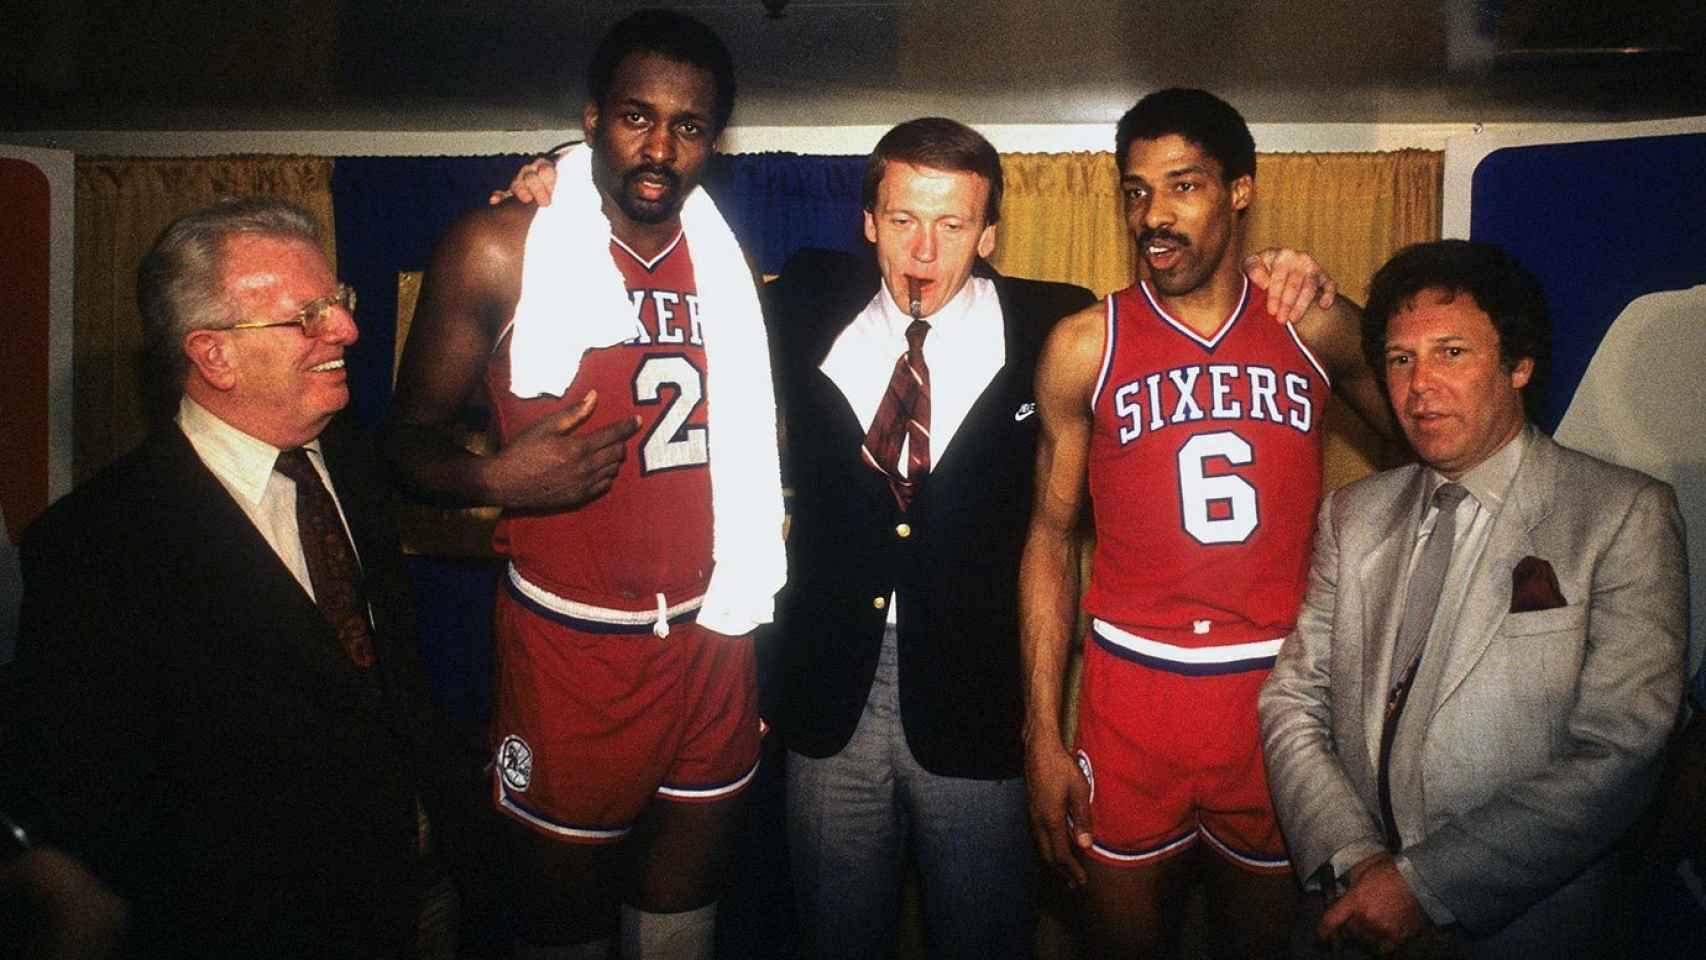 El comisionado con los Sixers de Erving y Moses Malone, campeones en el 83.